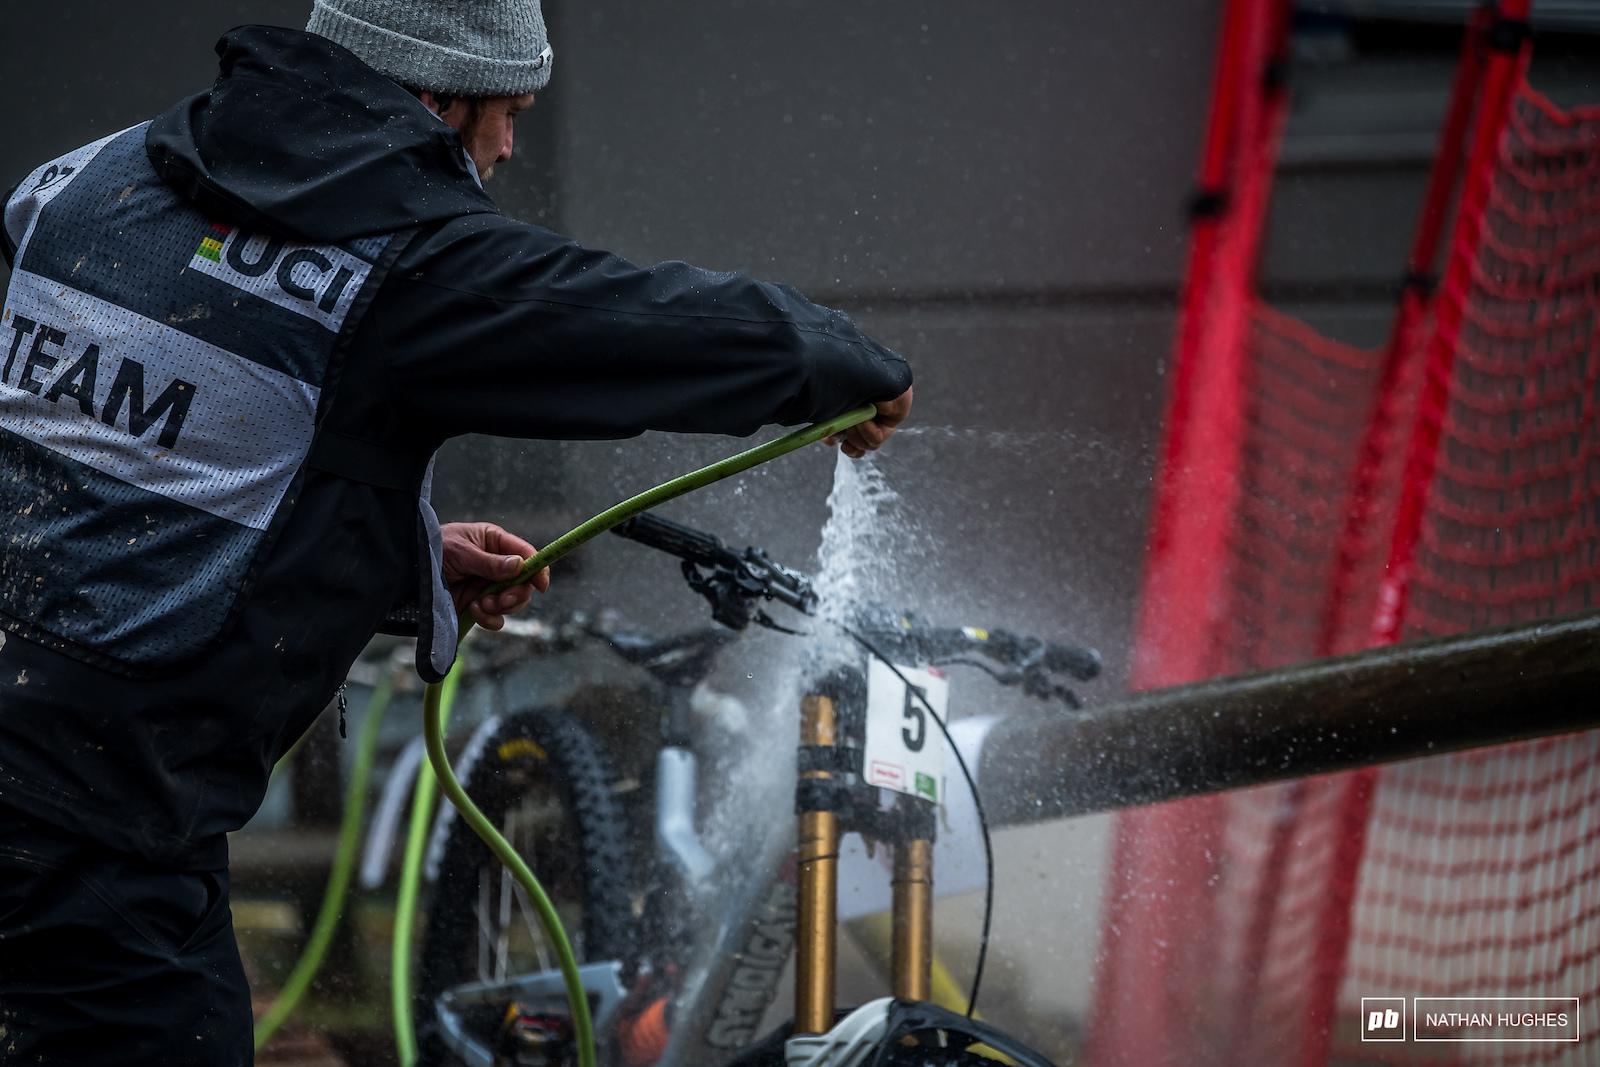 Steve Peat on hose-down duty for today s winner.